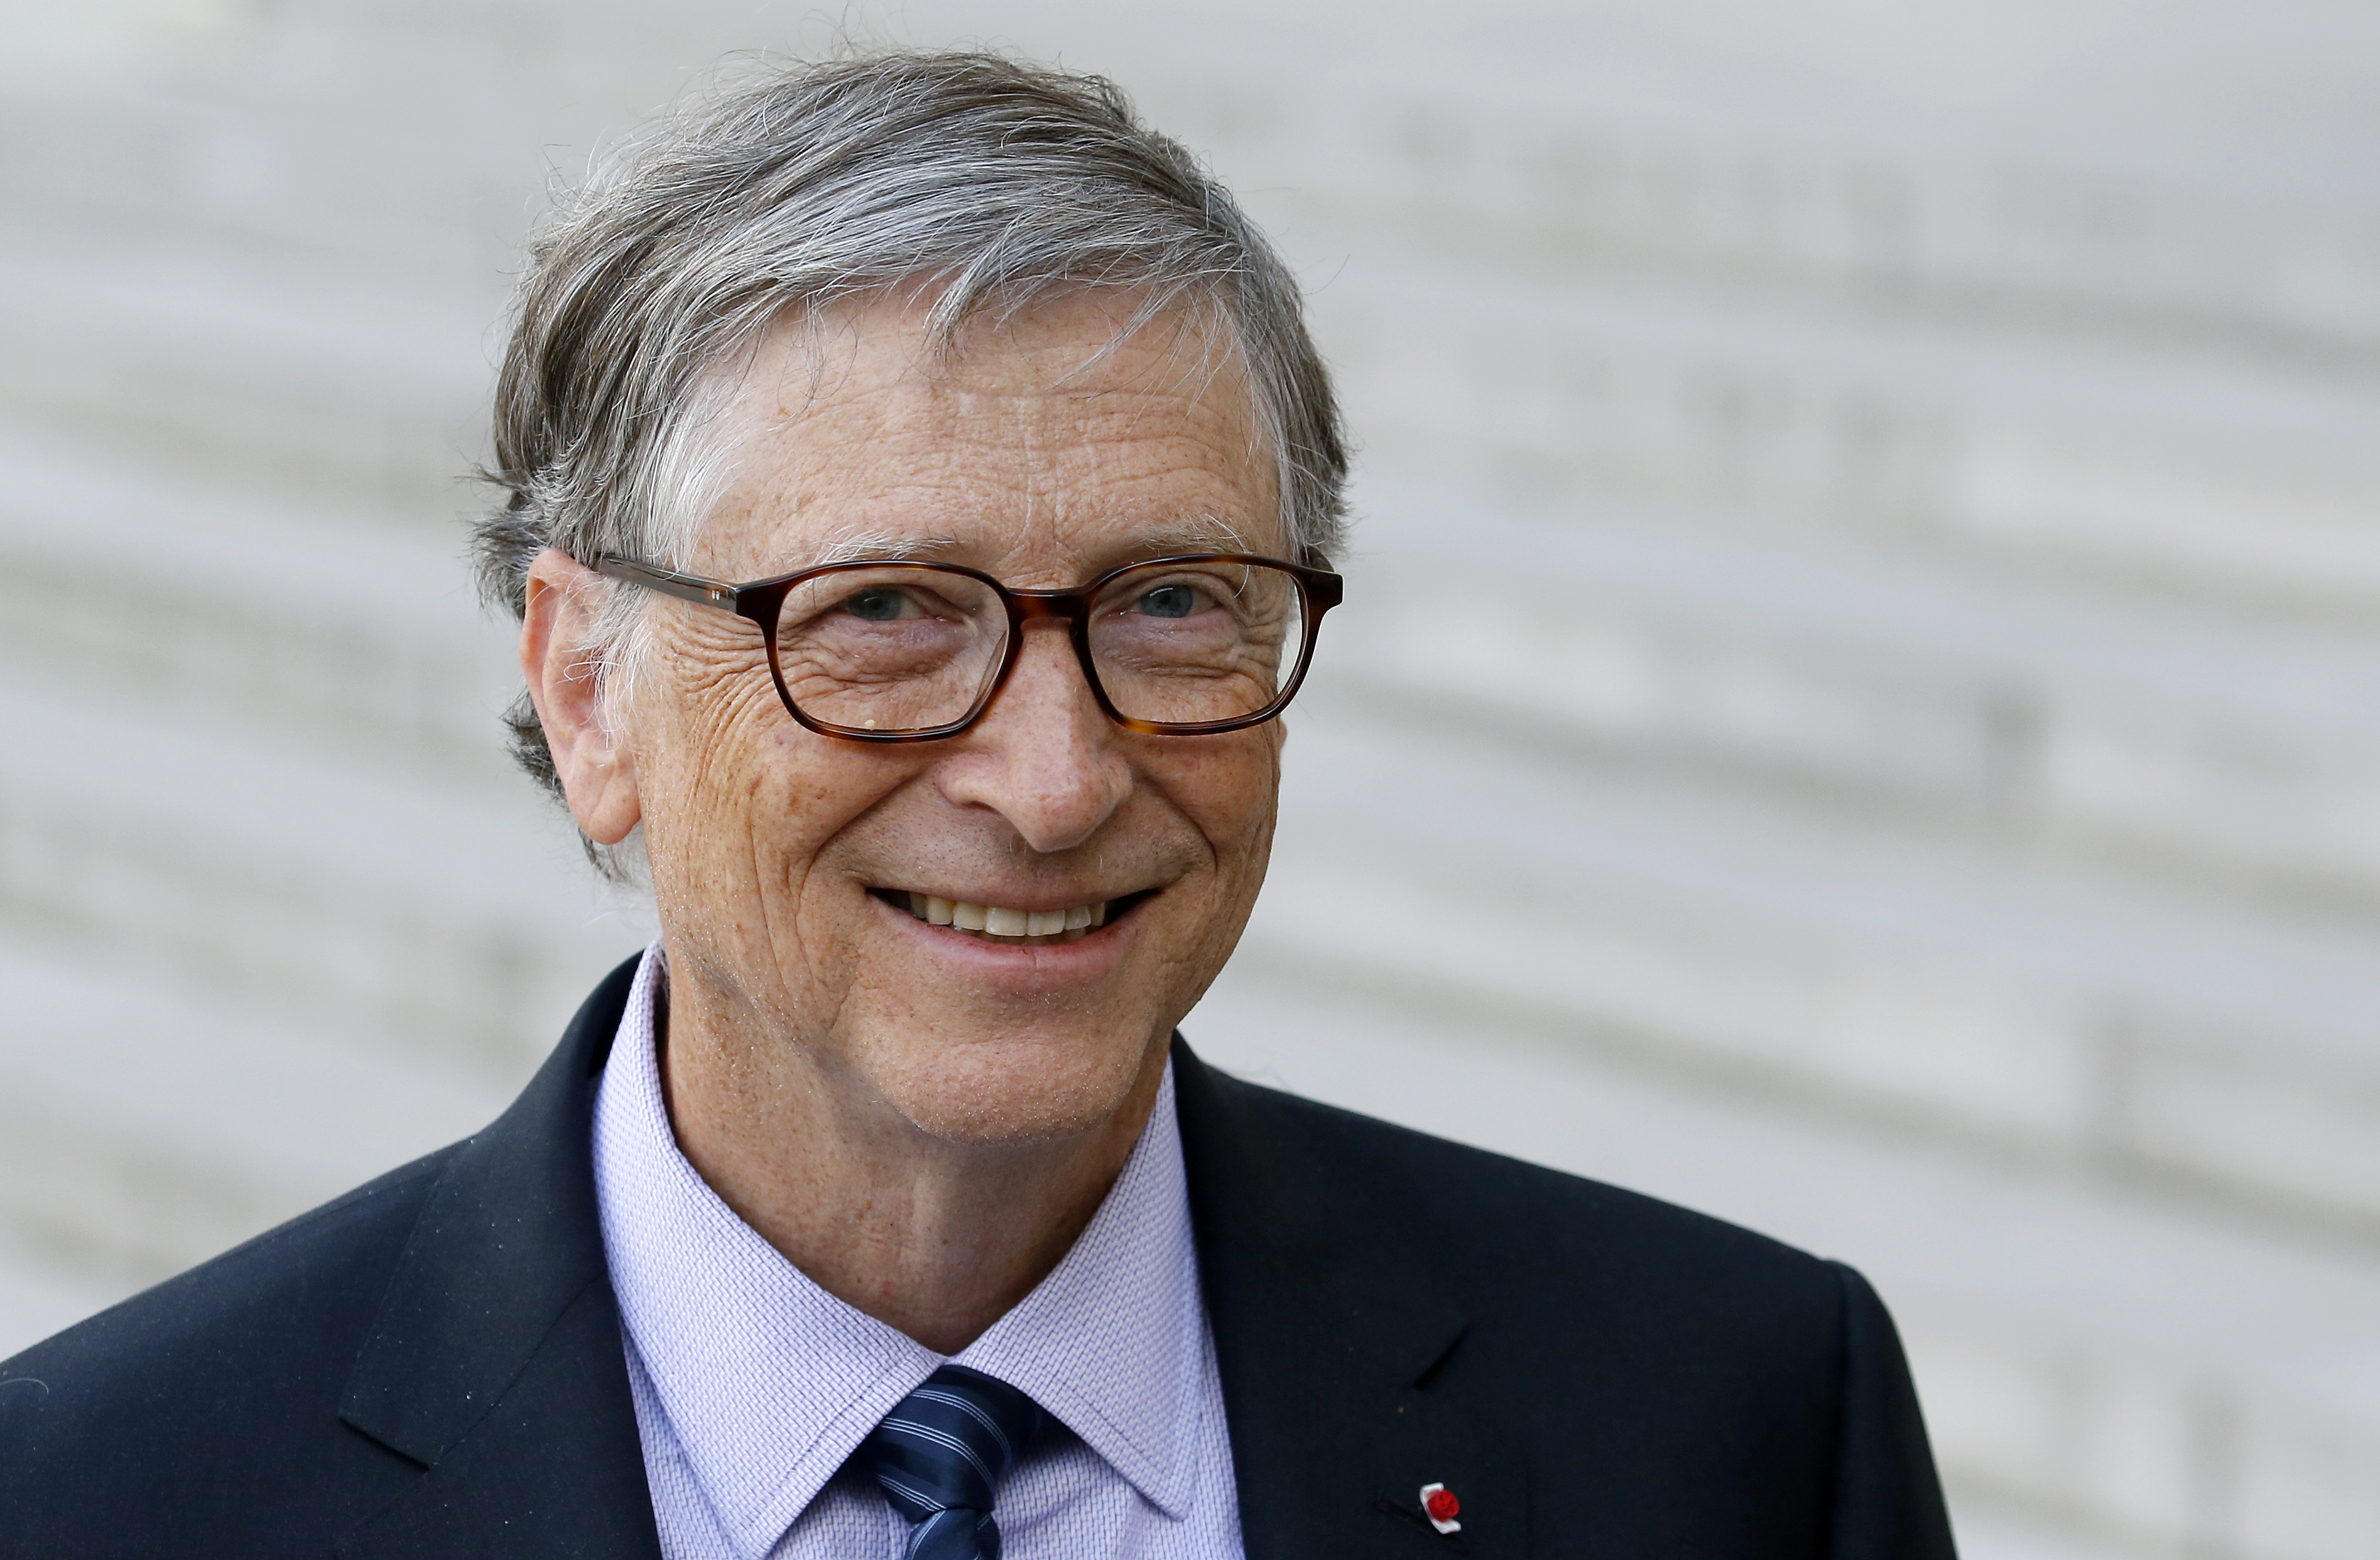 Bill Gates aurait eu une relation beaucoup plus proche avec Jeffrey Epstein  que ce qu'il prétend -